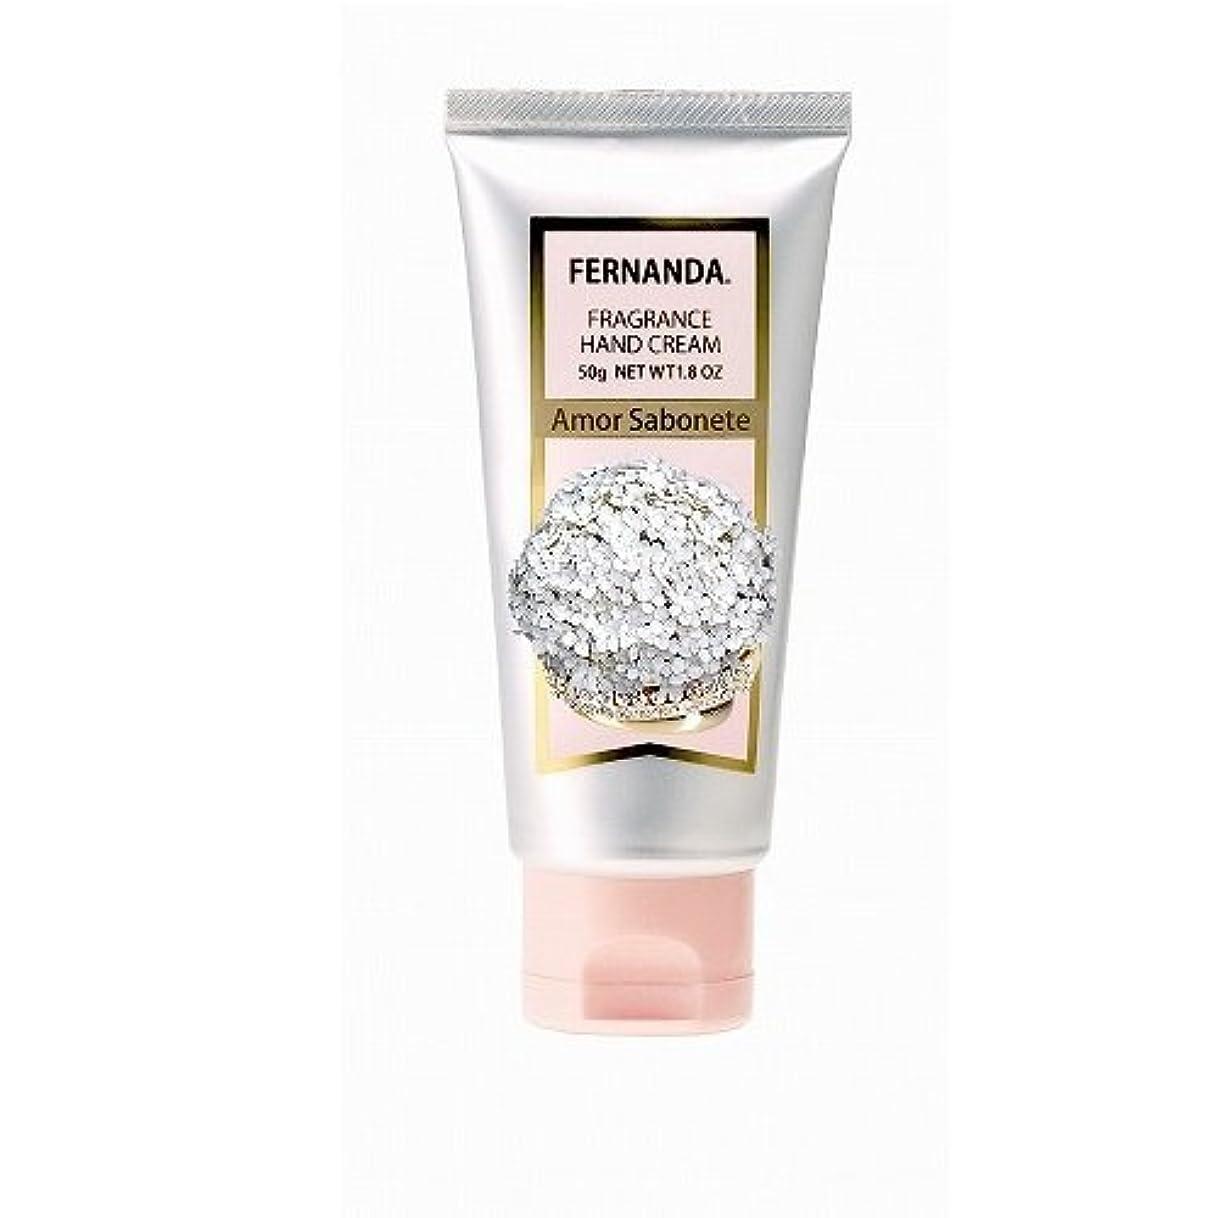 主流用心深いキロメートルFERNANDA(フェルナンダ) Hand Cream Amor Sabonete (ハンド クリーム アモールサボネッテ)